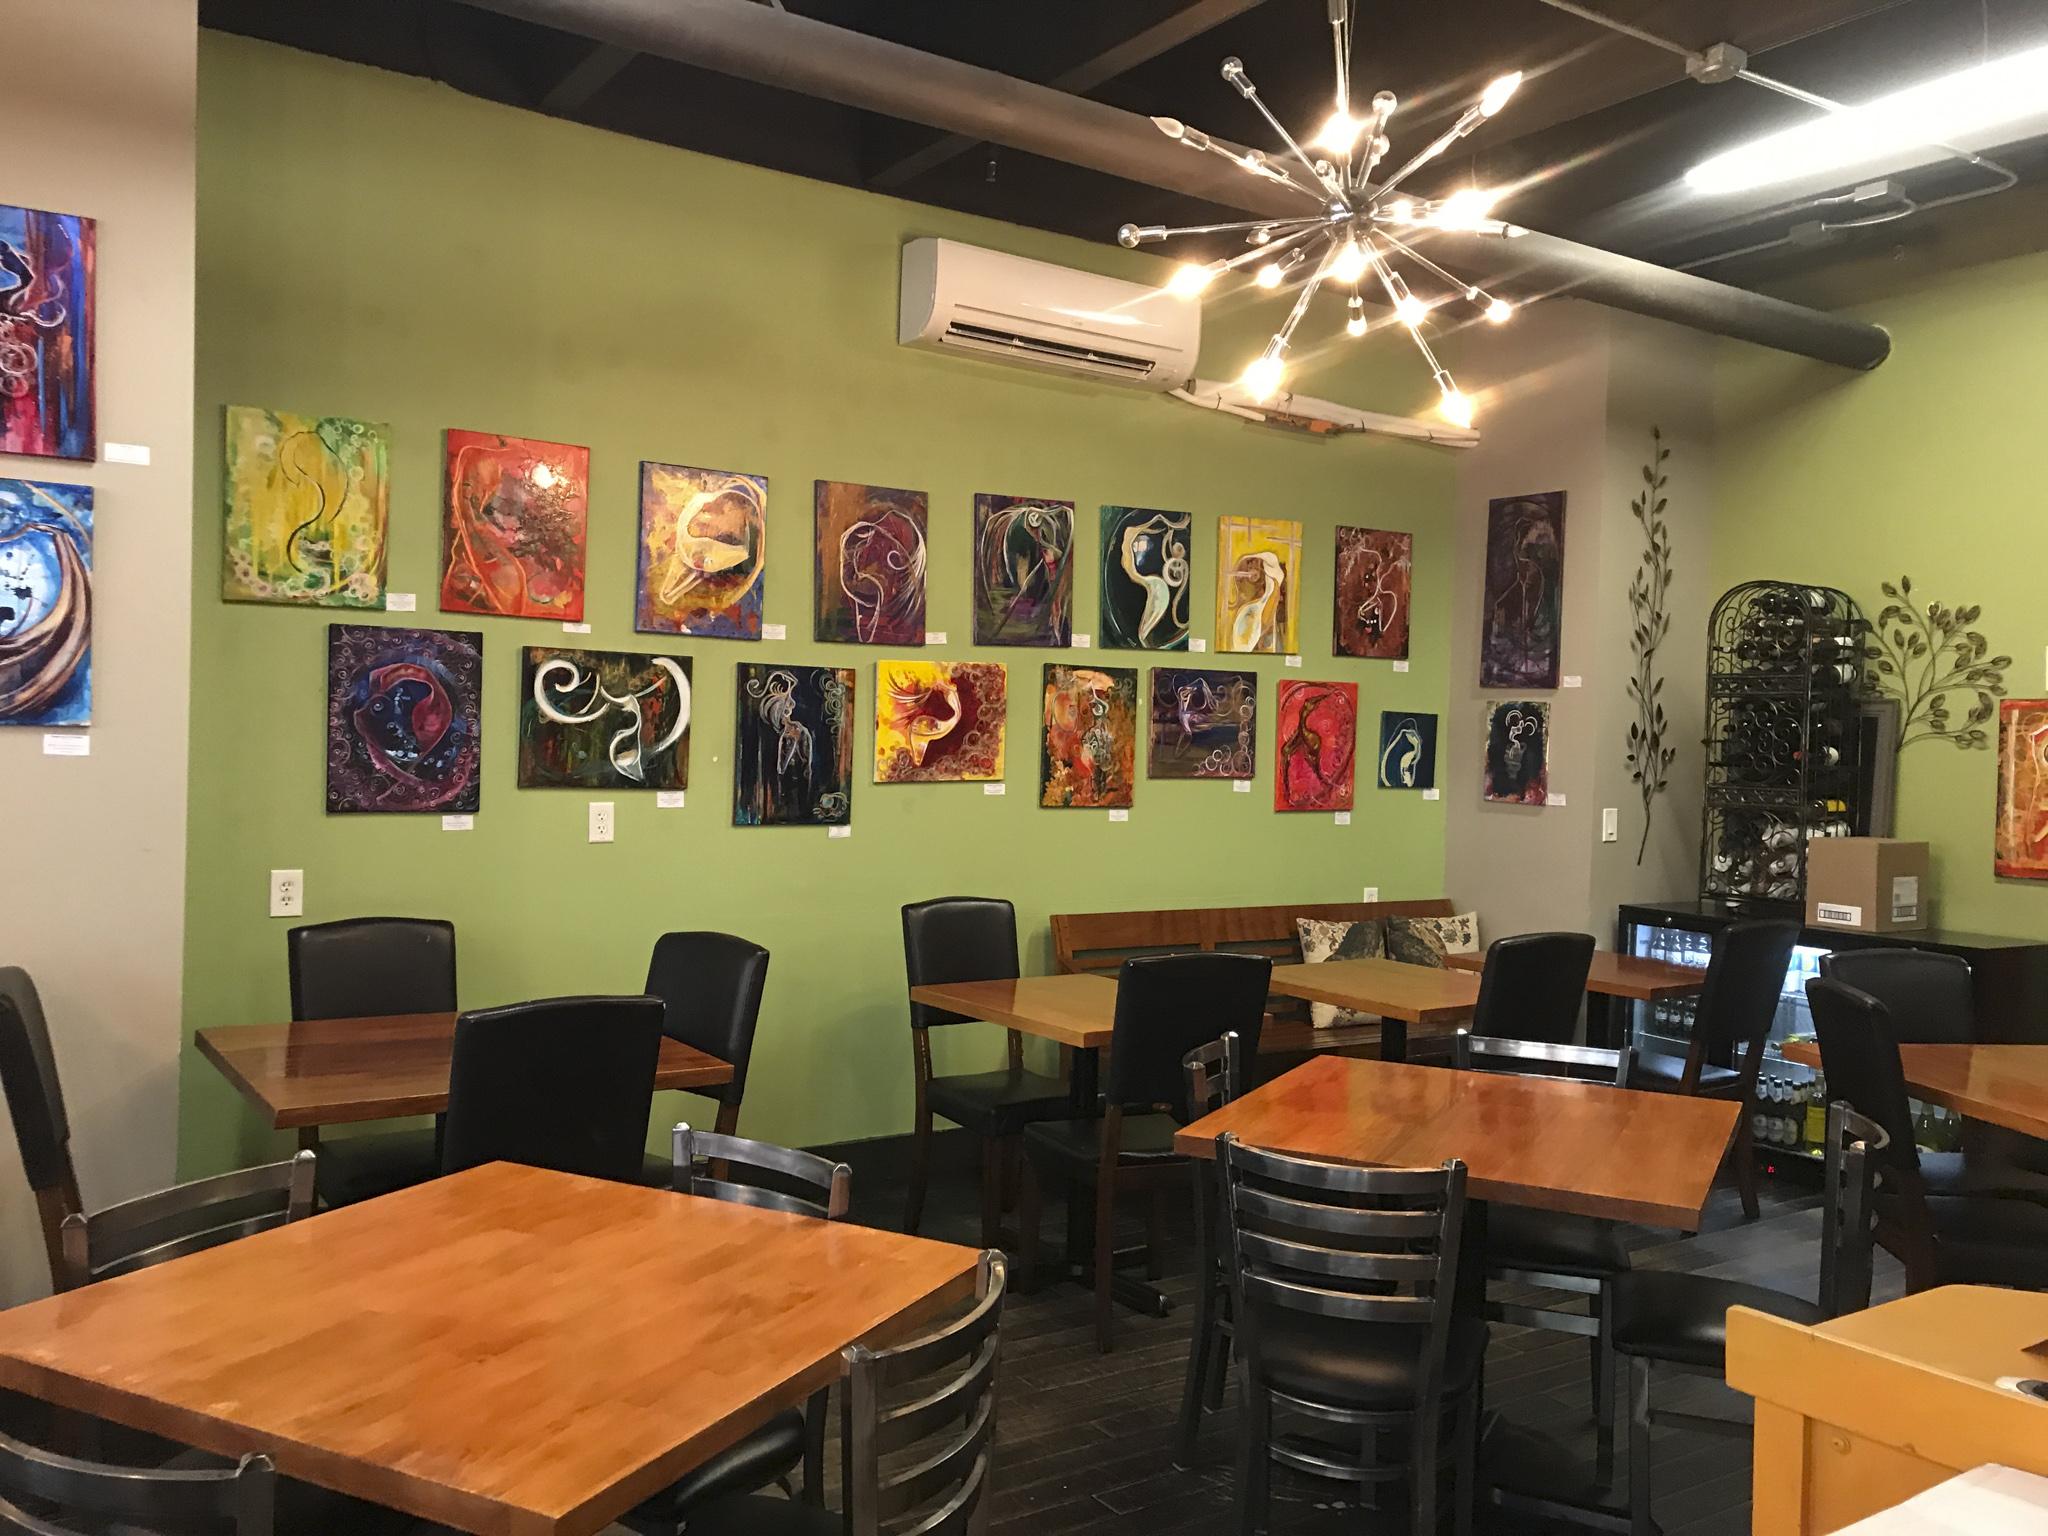 Interior at Mickey's Café & Organics